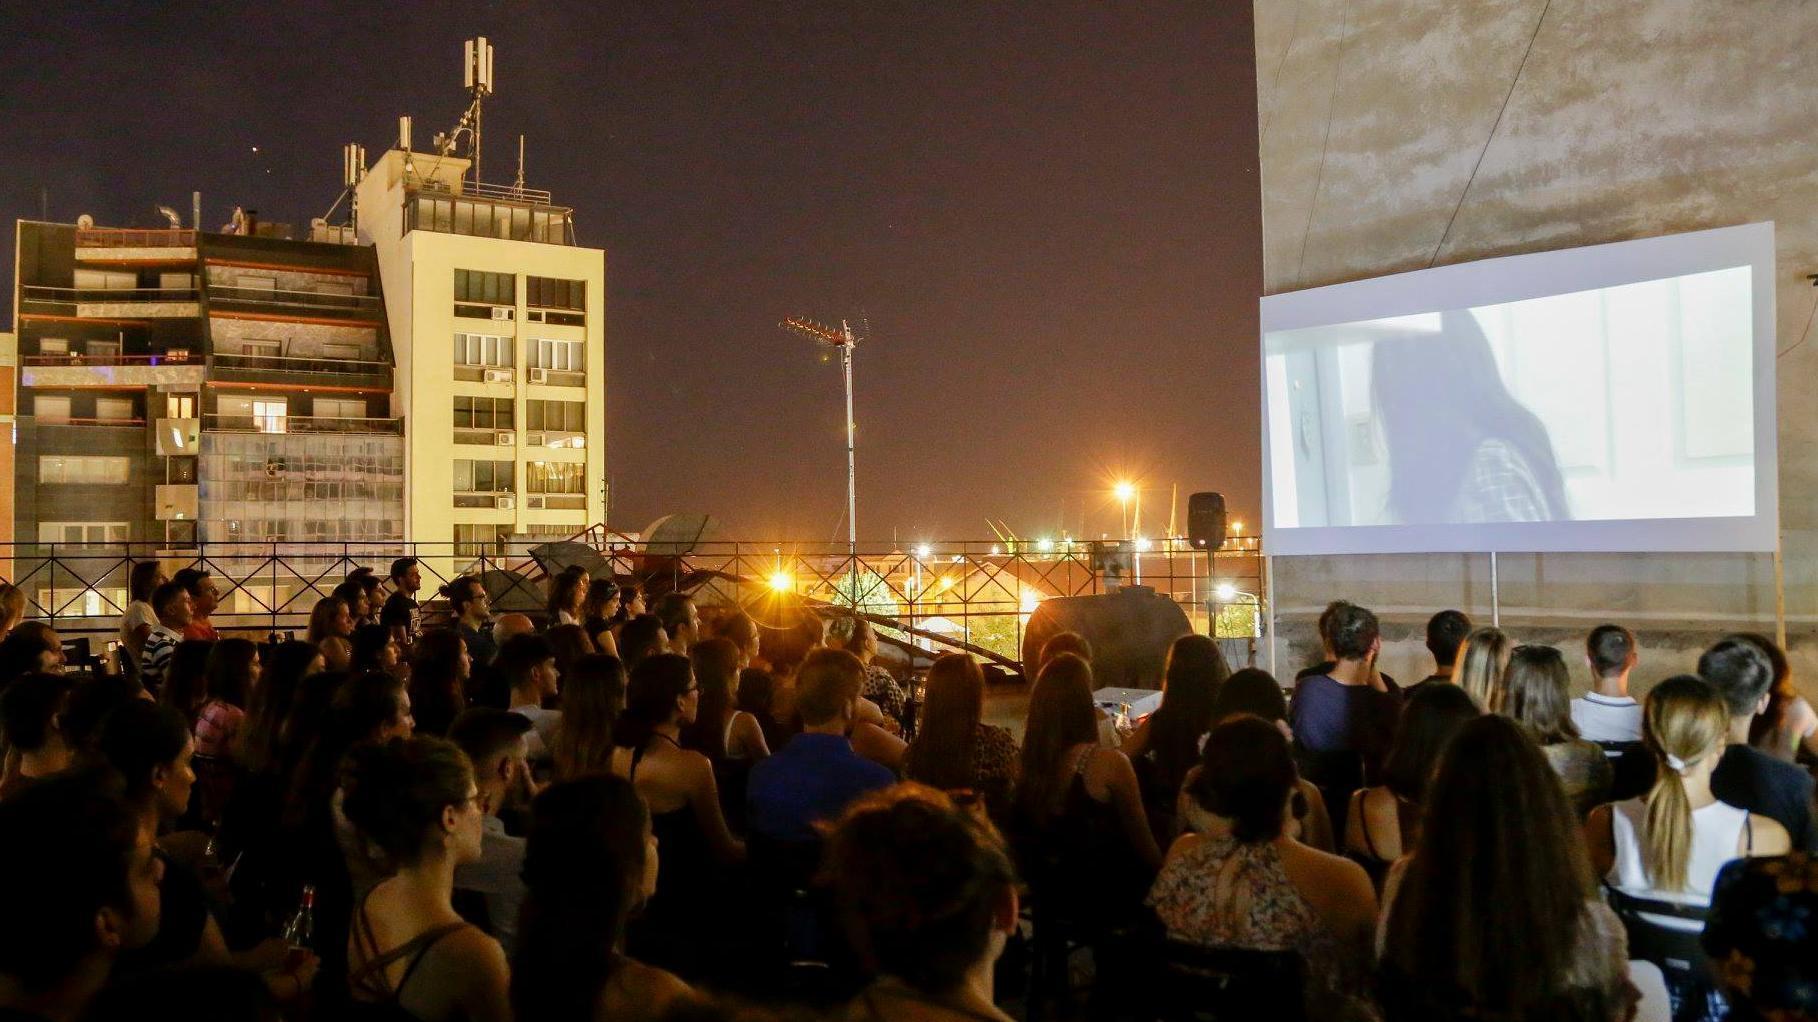 Cine al aire libre en Verano